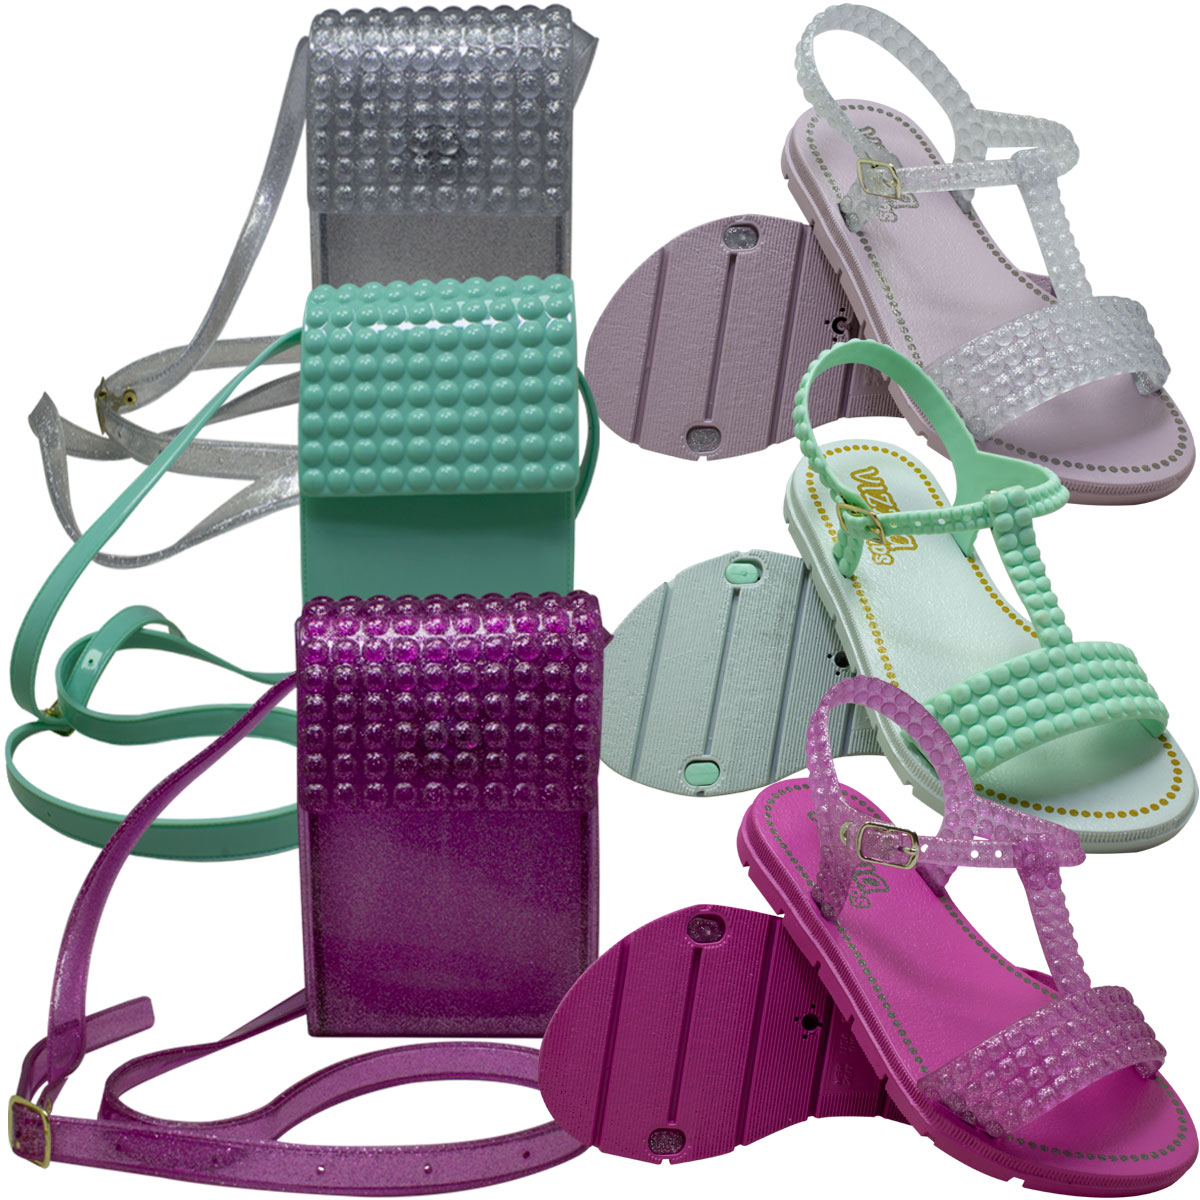 KIT Sandália com bolsa Infantil Feminina PVC